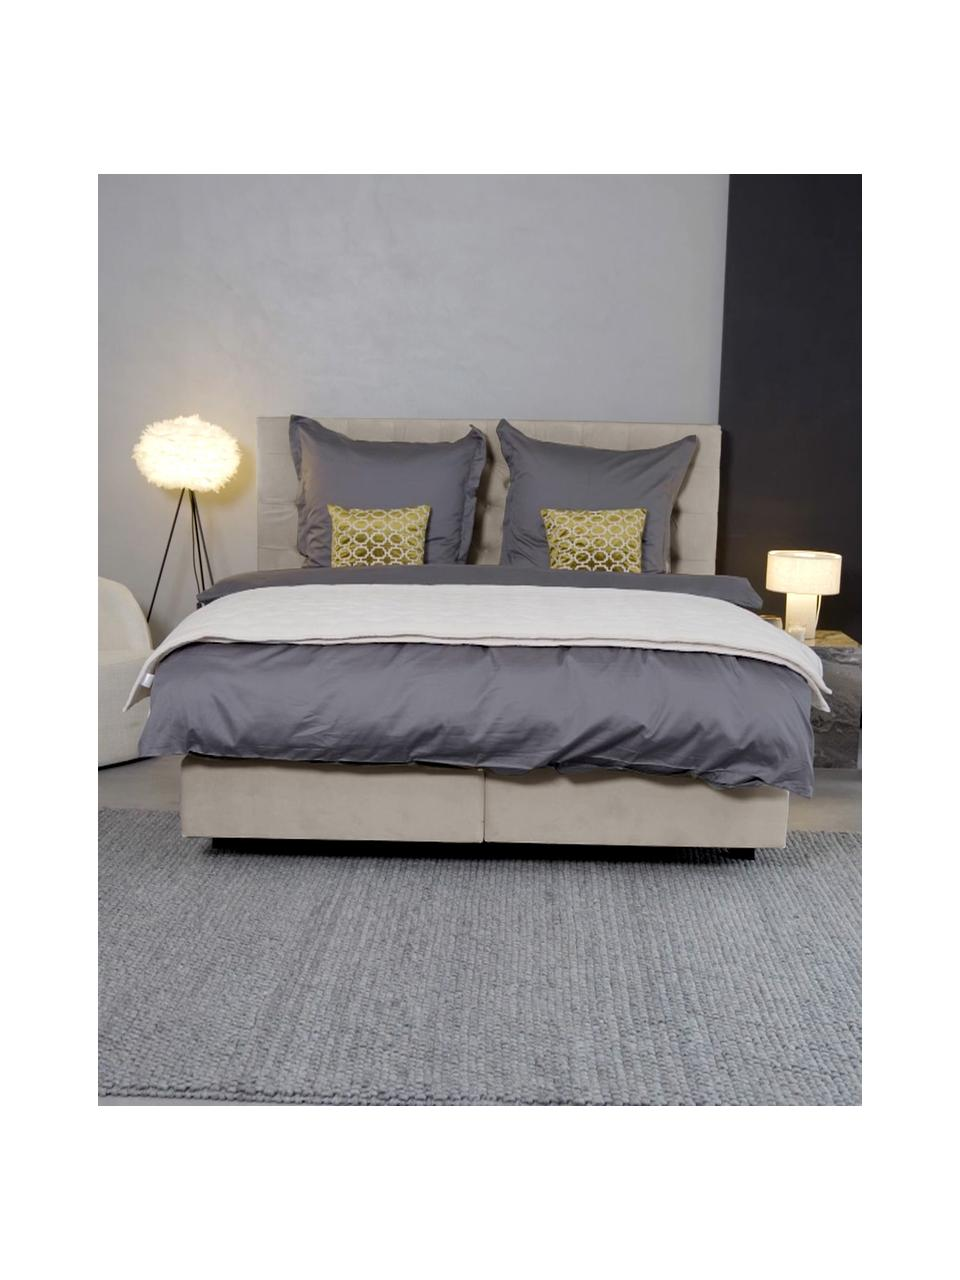 Łóżko kontynentalne premium z aksamitu Phoebe, Nogi: lite drewno brzozowe, lak, Aksamitny taupe, 180 x 200 cm